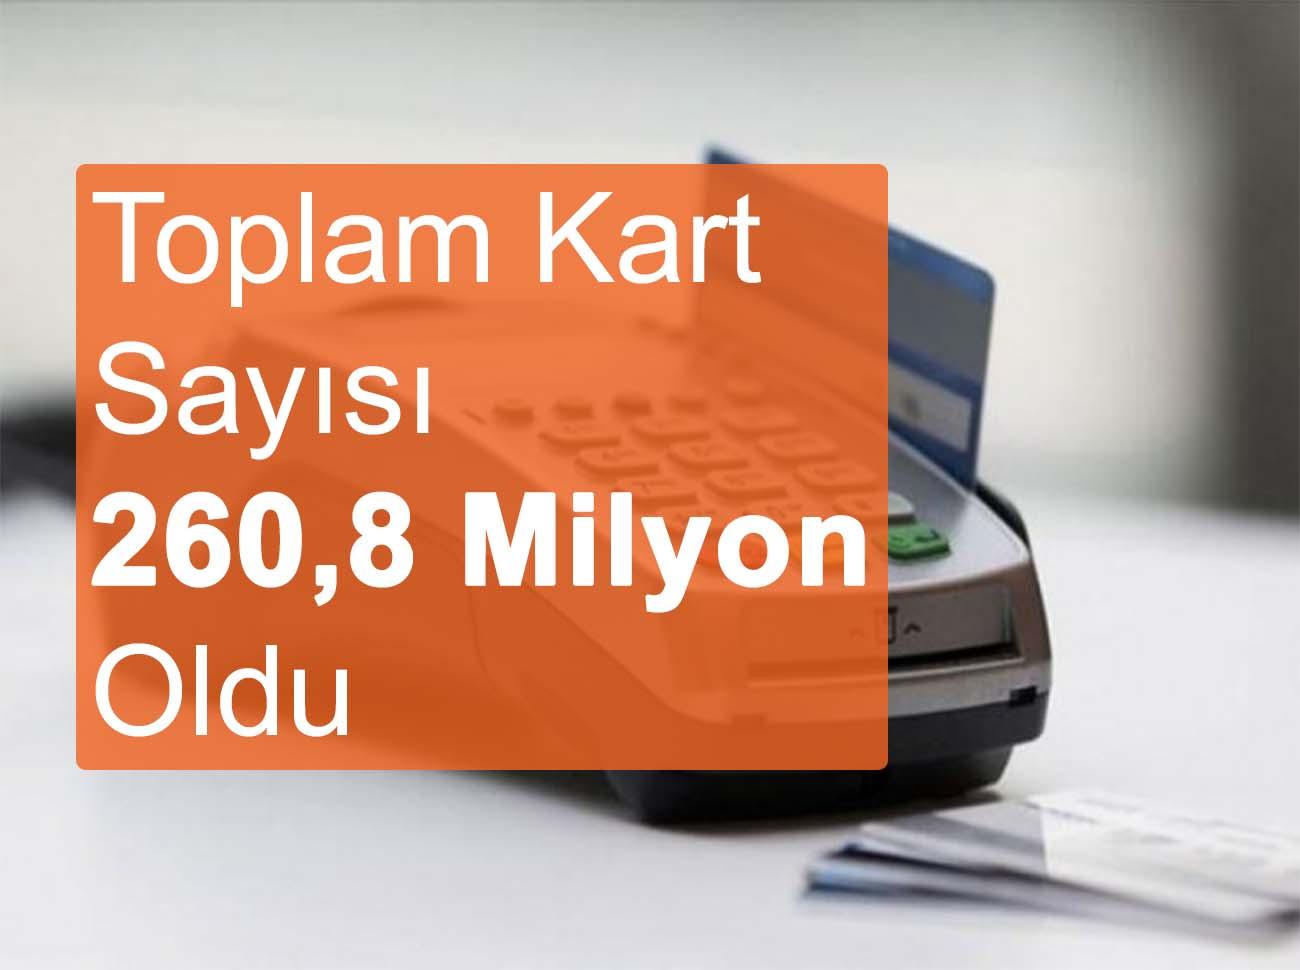 Türkiye'de Toplam Kart Sayısı 260 Milyonu Geçti